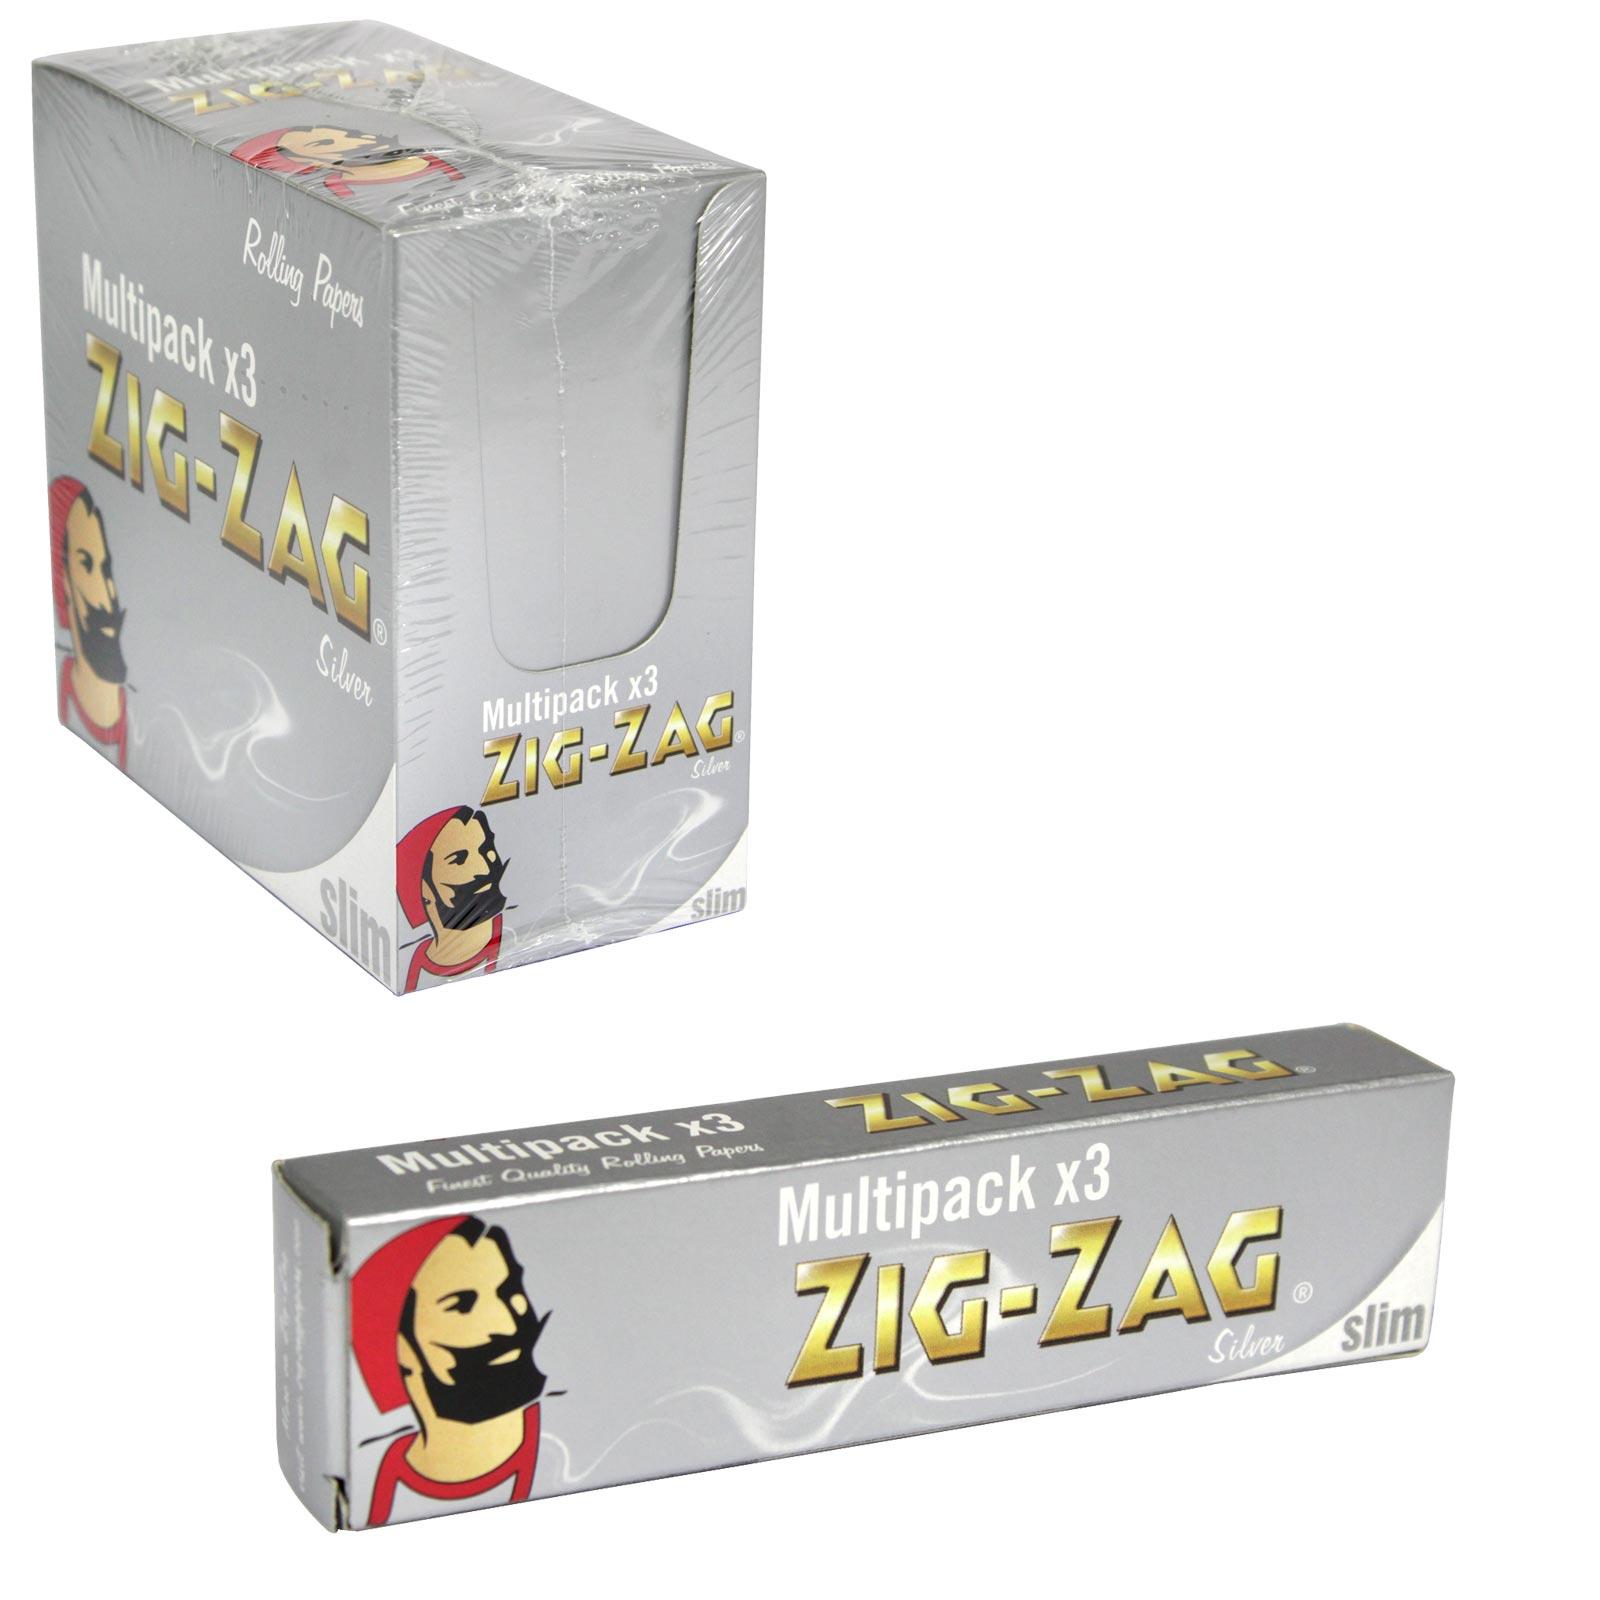 ZIG-ZAG SILVER SLIM KINGSIZE 3PK X12